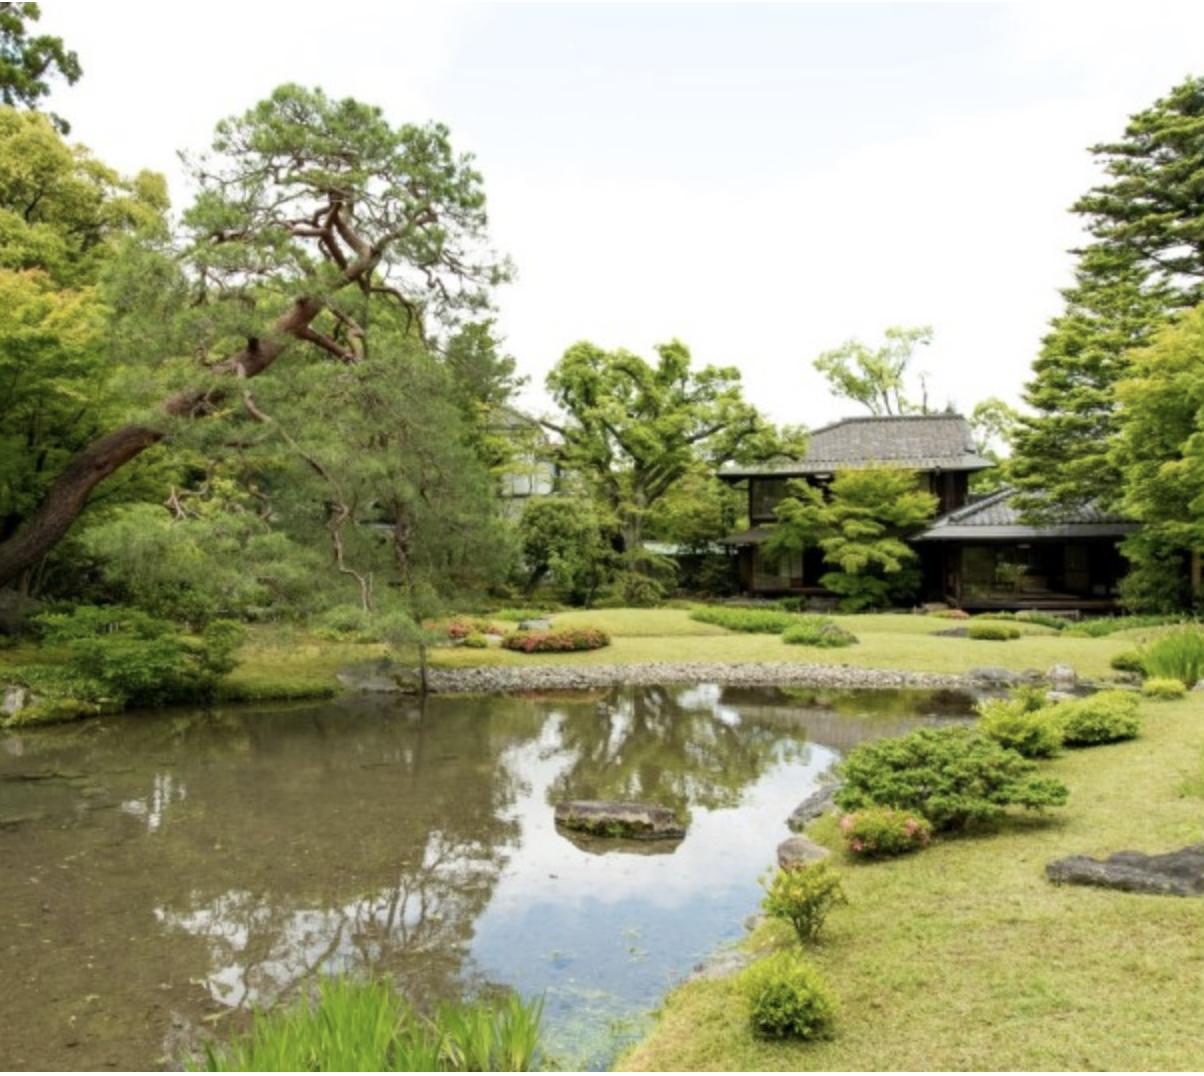 瓢亭×無鄰菴  晴れやかな「初釜茶会」。名勝庭園と通常非公開茶室で完全プライベート初開催!